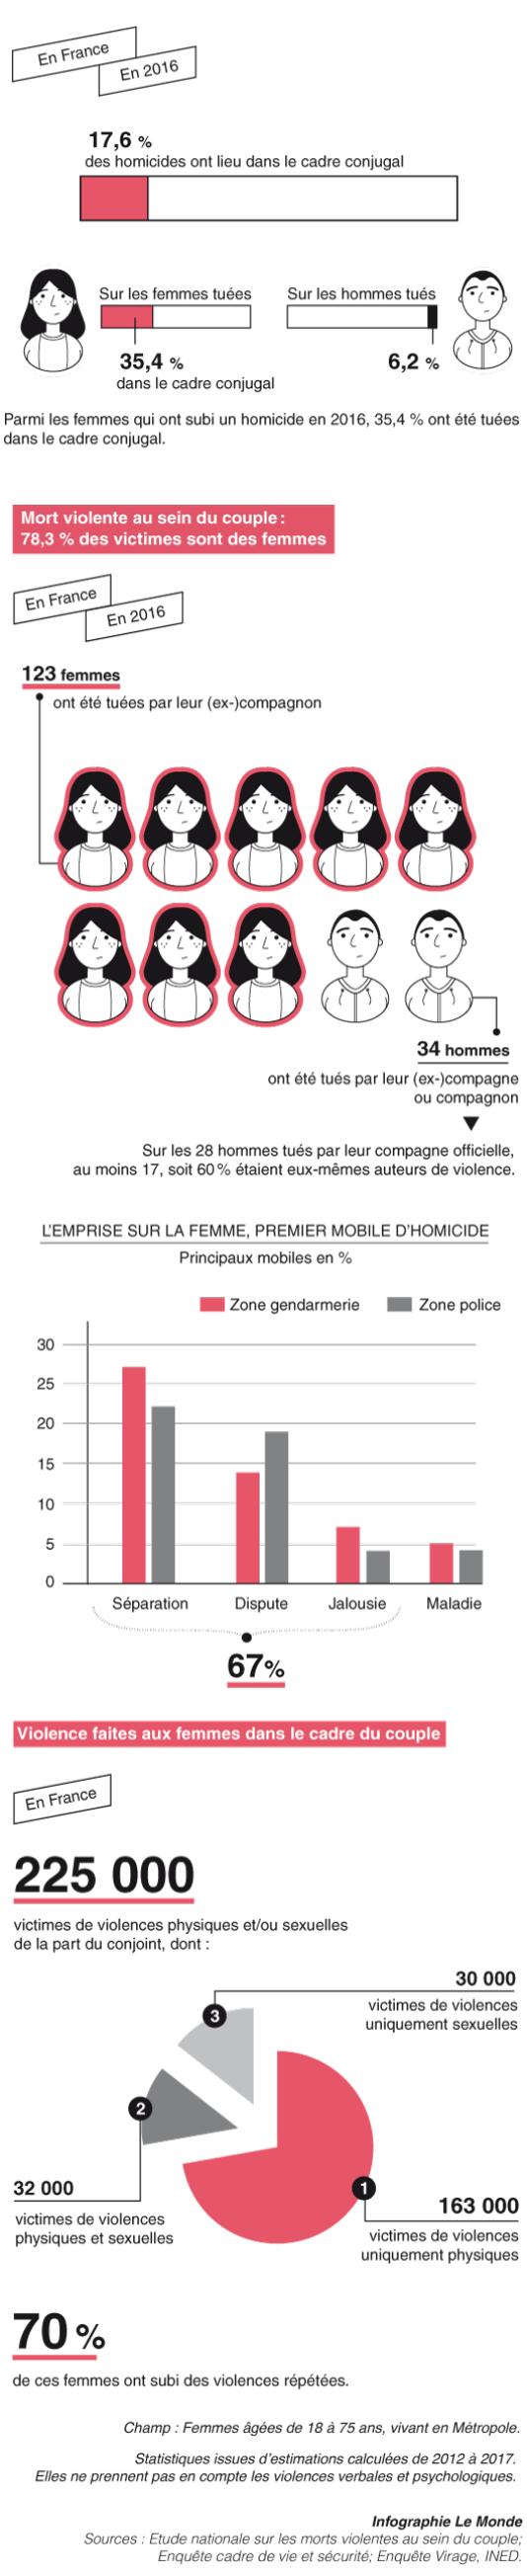 Féminicides Violences conjugales